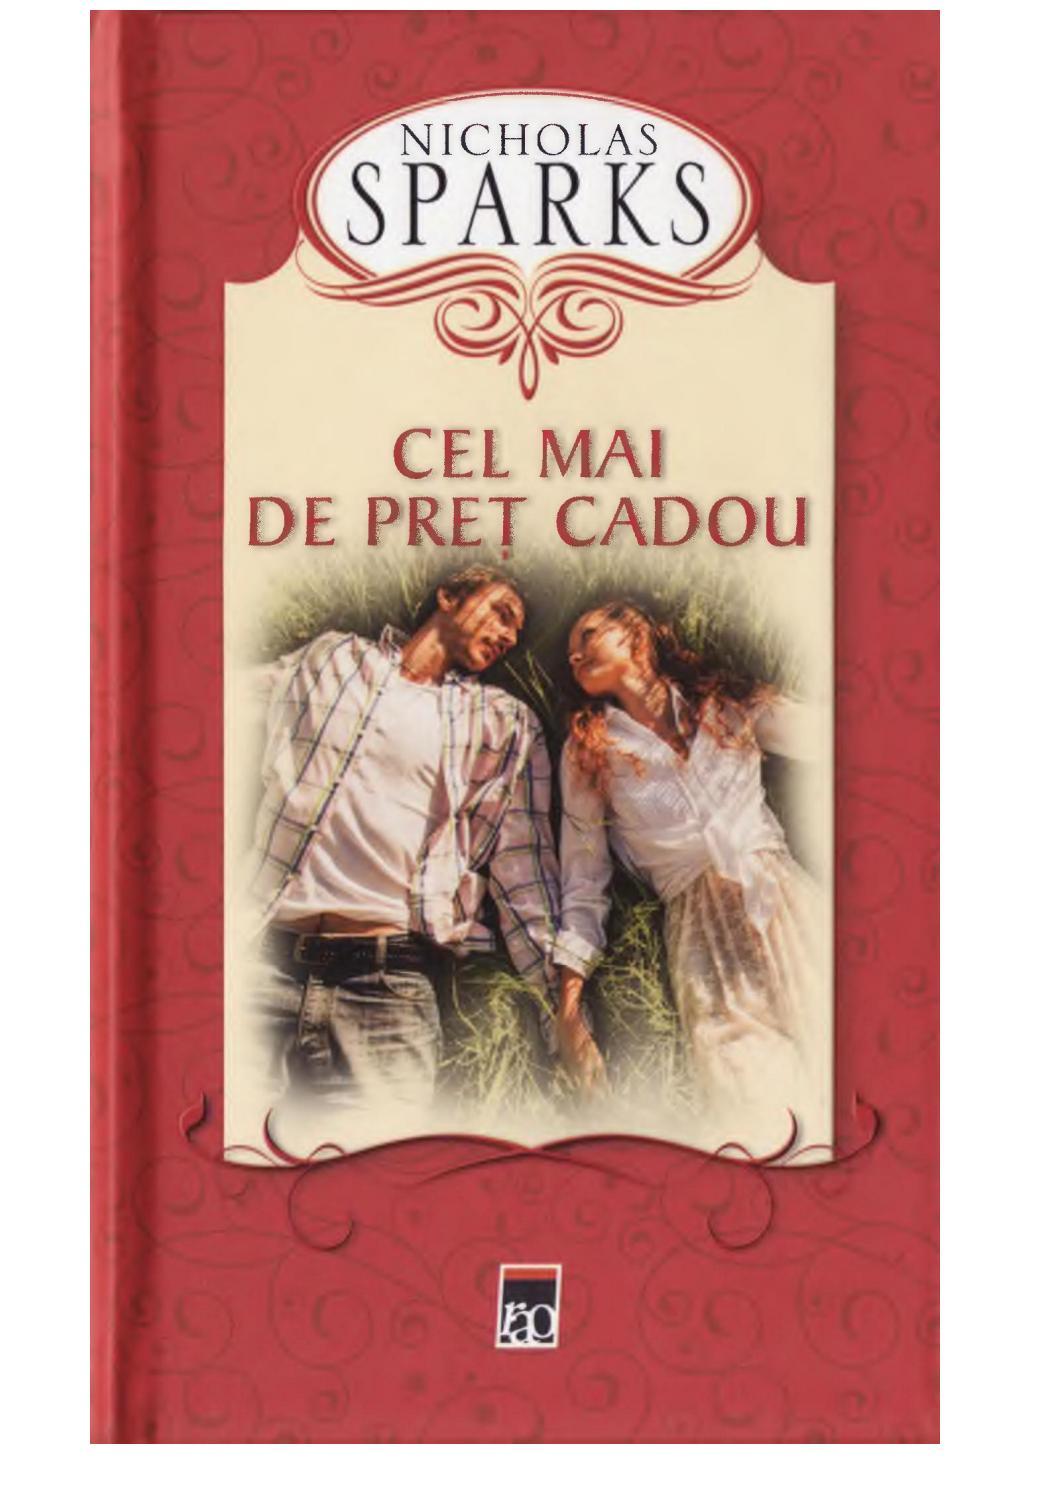 Nicholas Sparks Cel Mai De Pret Cadou By Ana Issuu